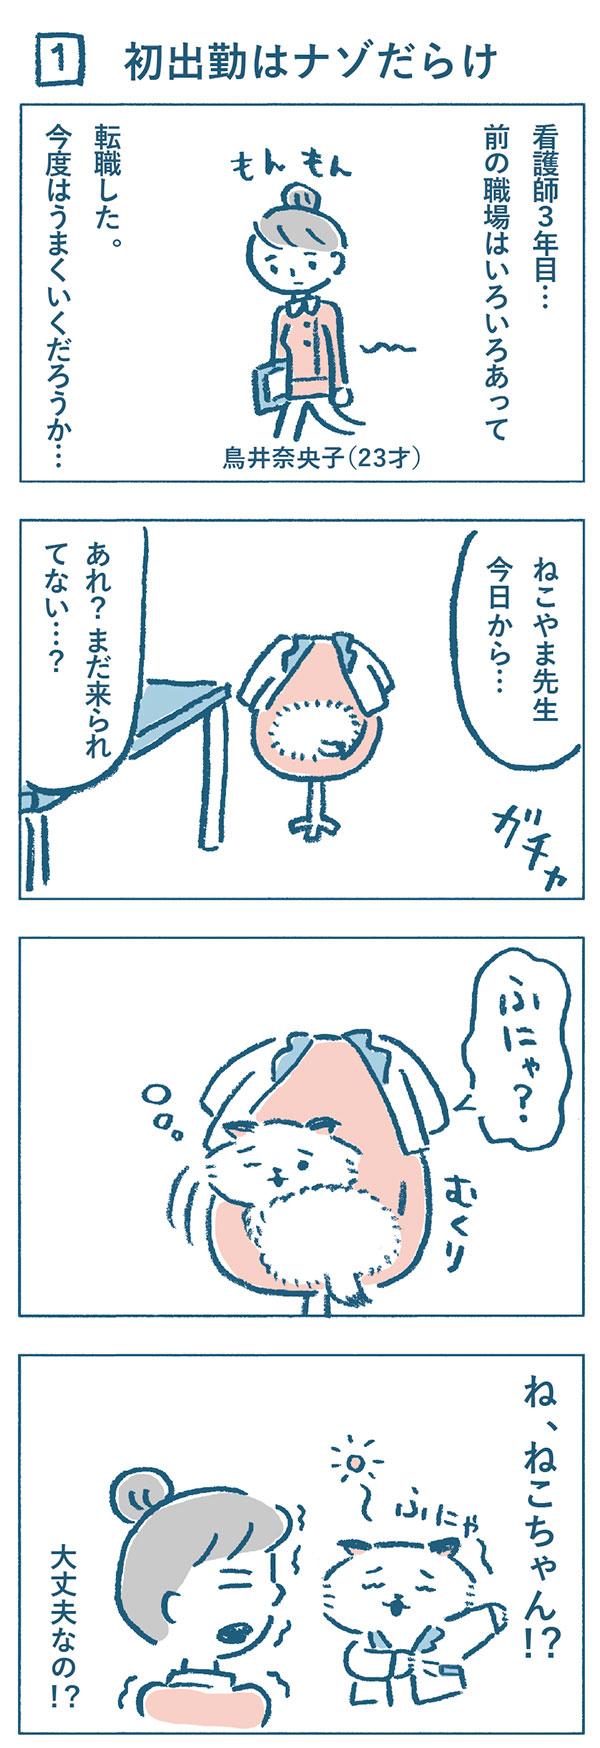 タイトル:初出勤はナゾだらけ。彼女は、鳥井奈央子(23才)看護師3年目。前の職場はいろいろあって、転職しました。今日が初出勤ですが、今度はうまくいくかと少しもんもんとしています。医師のねこやま先生は、いないようでした。すると、椅子の上にうずくまって寝ていたネコが目を覚まし、寝ぼけながら白衣を身に着けました。ねこやまクリニック医師のねこやま先生がネコだと知って奈央子は驚きました。